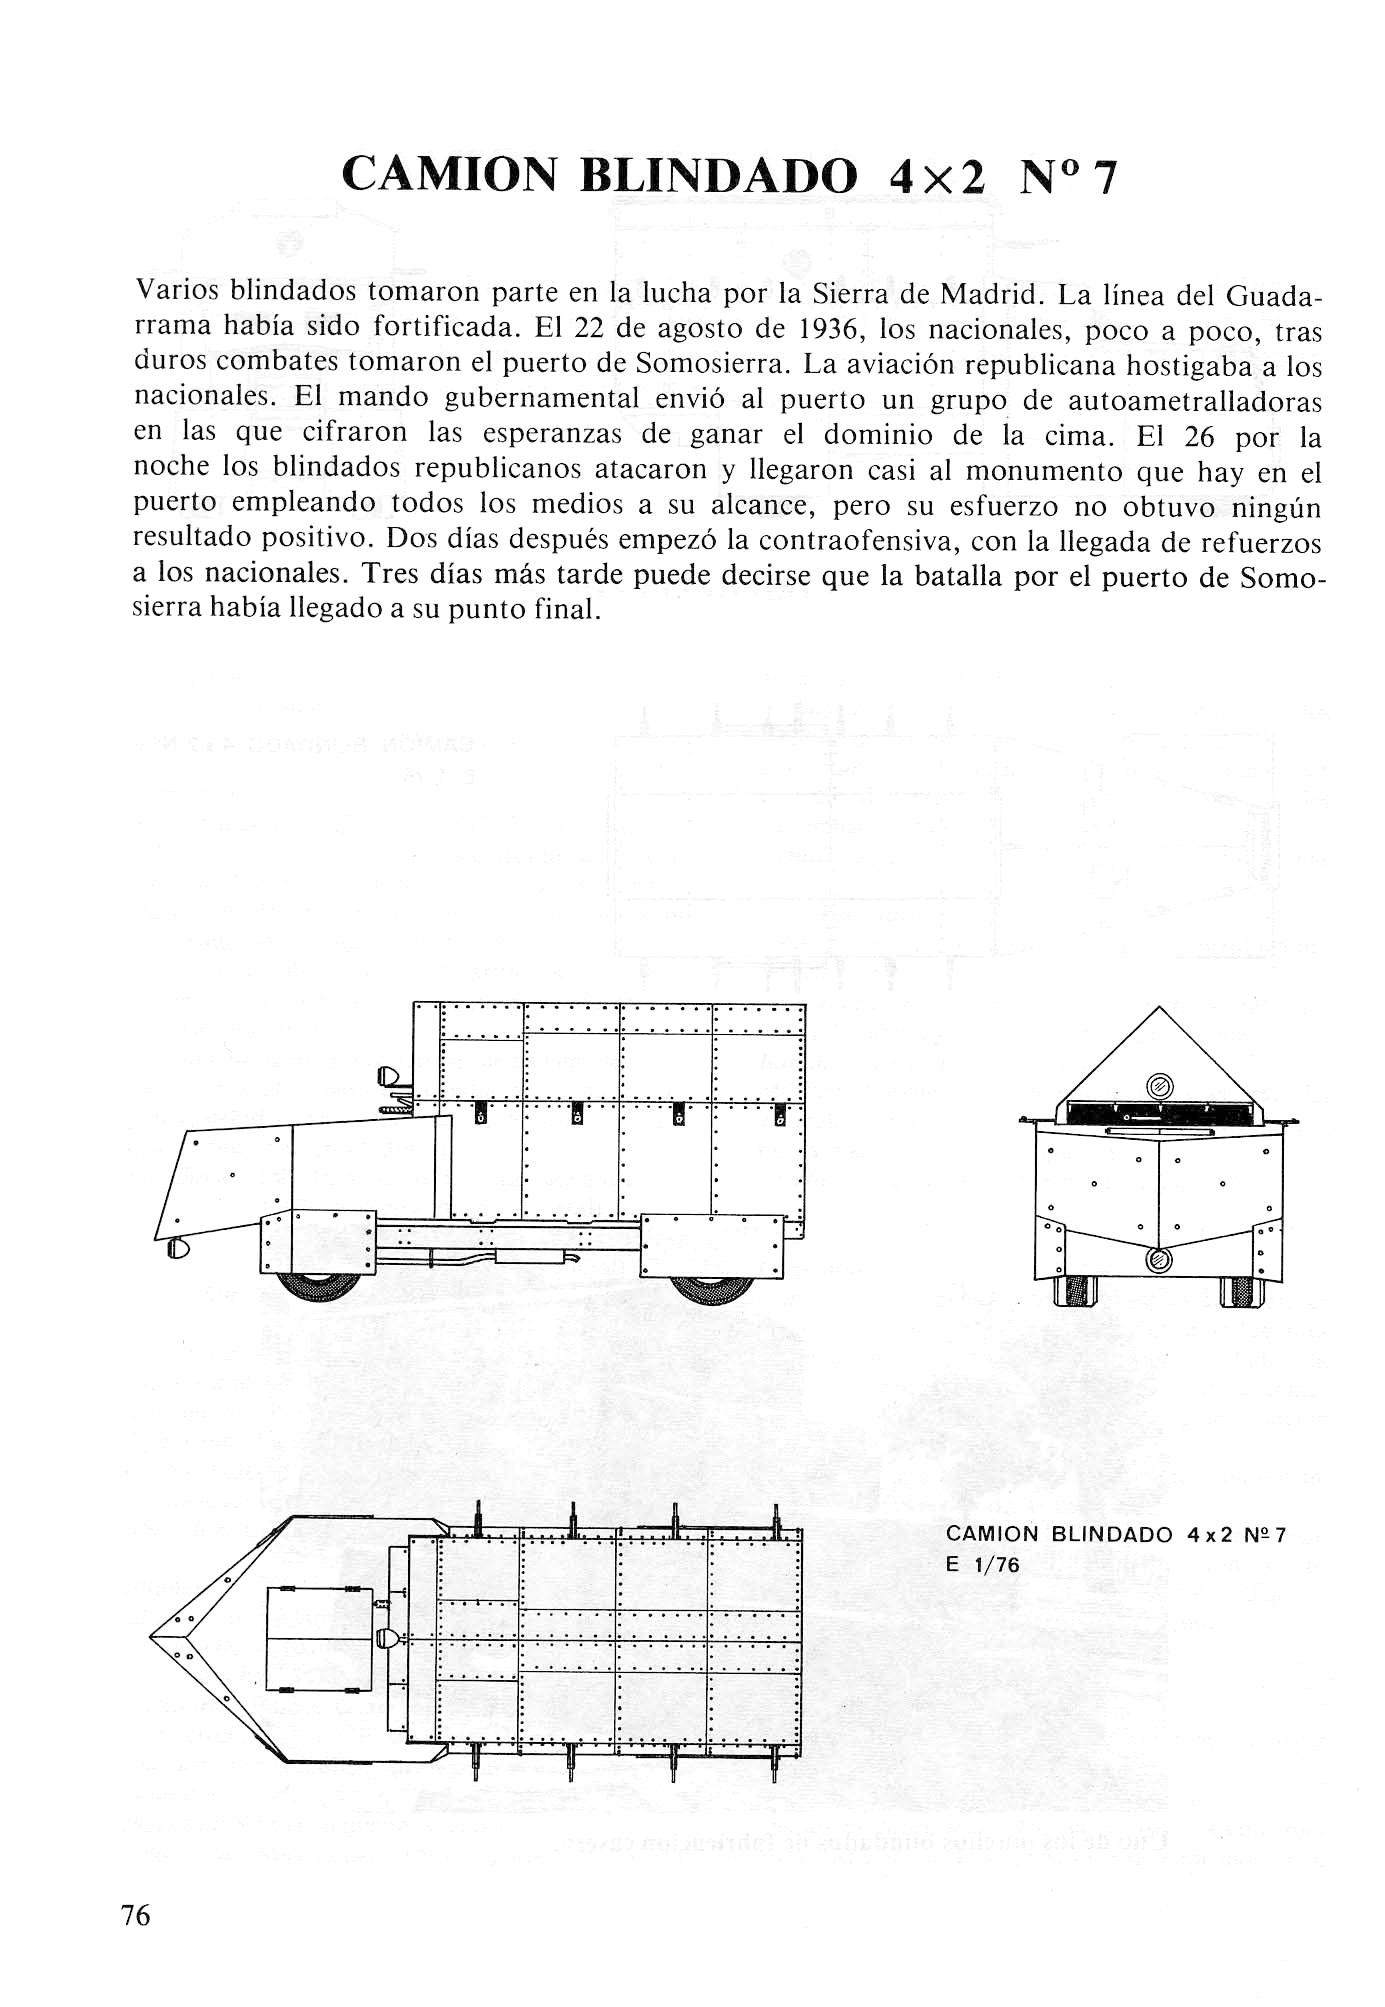 Carros De Combate Y Vehiculos Blindados De La Guerra 1936 1939 [F.C.Albert 1980]_Страница_074.jpg